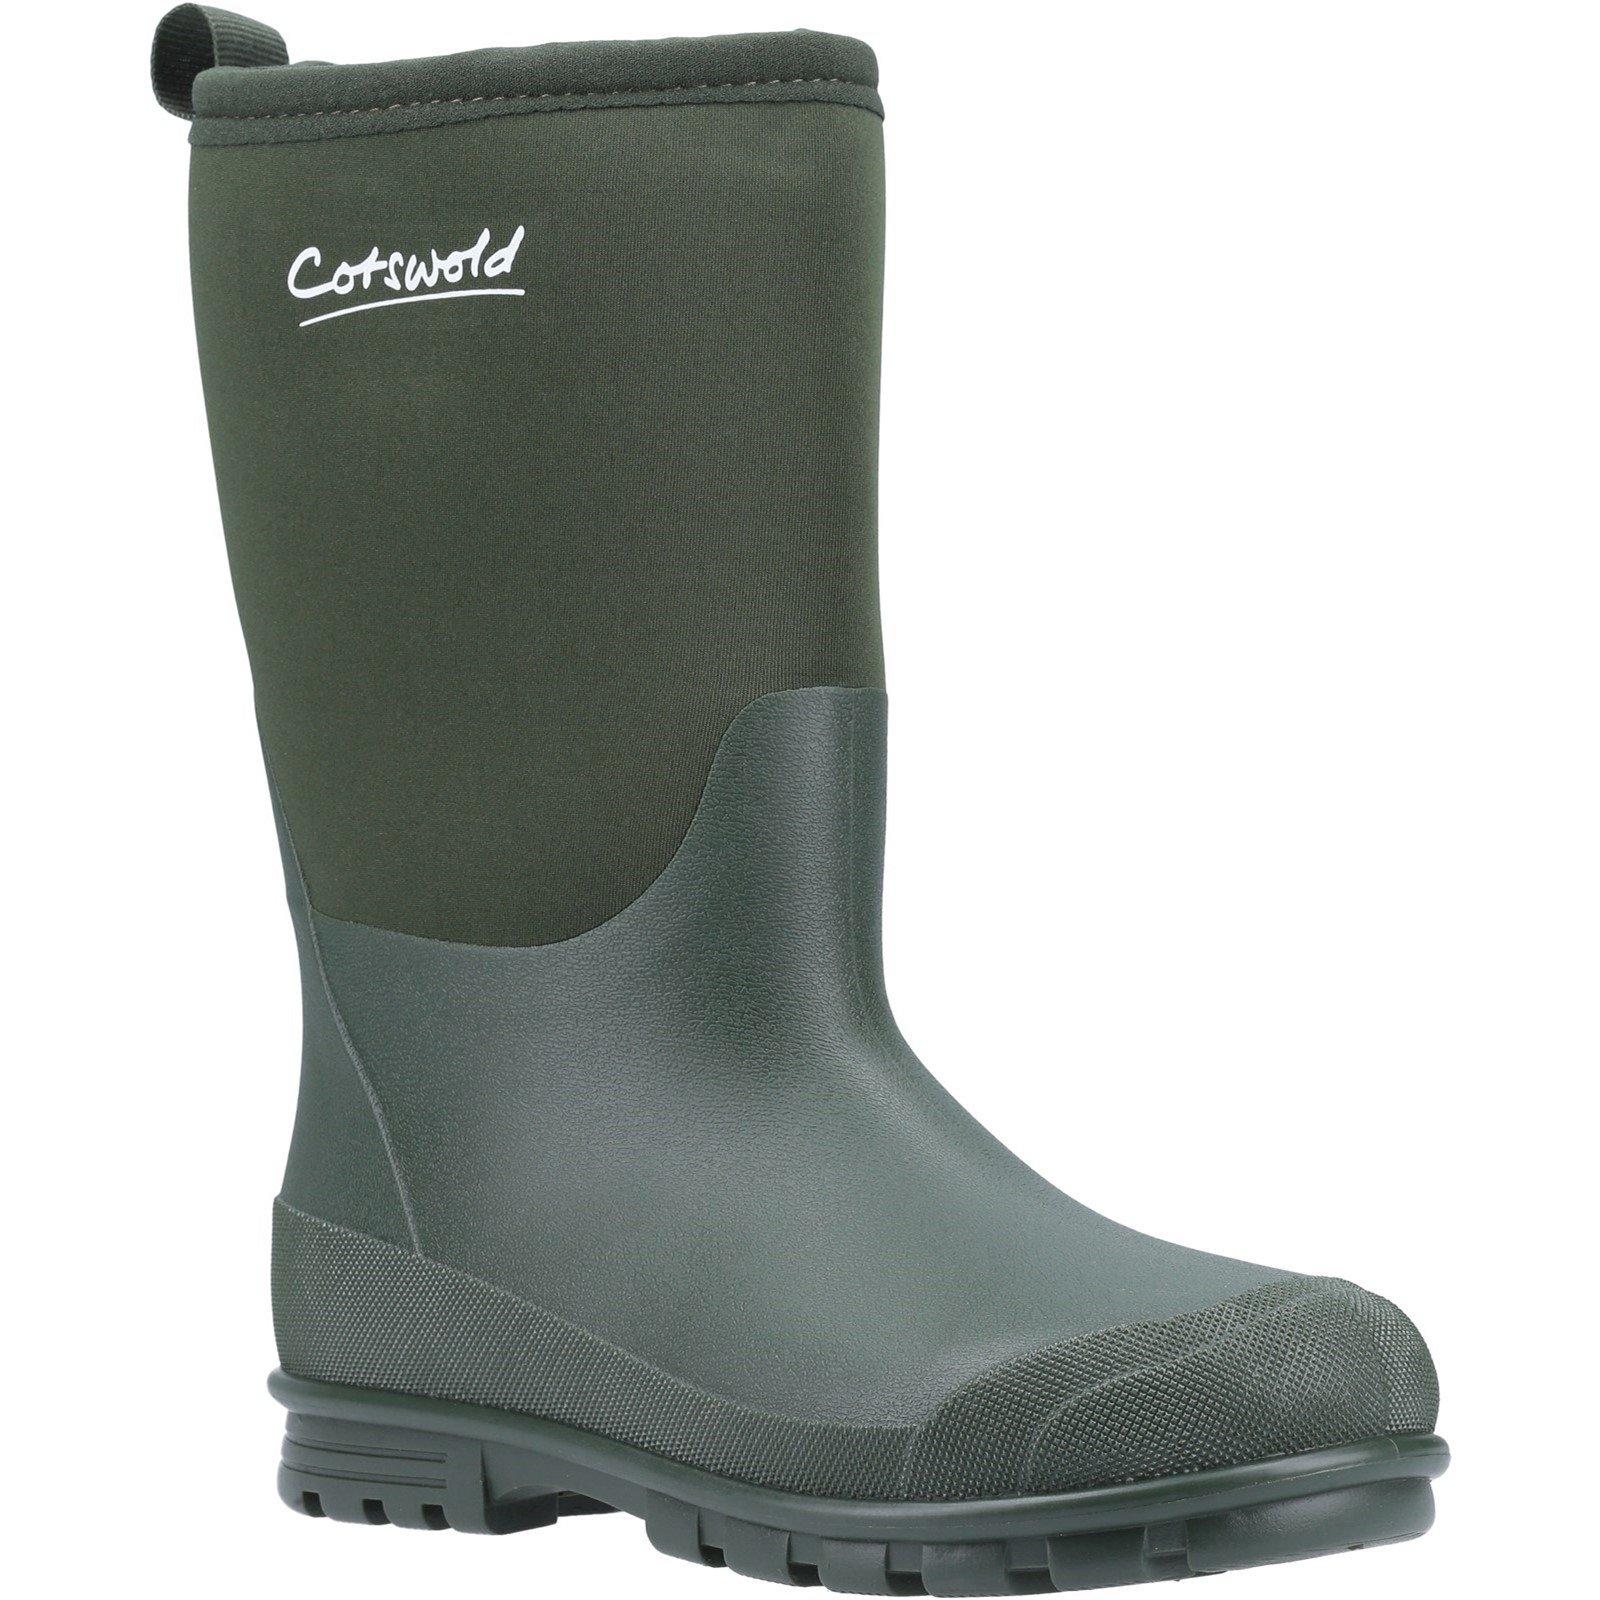 Cotswold Women's Hilly Neoprene Wellington Boot - Green 4